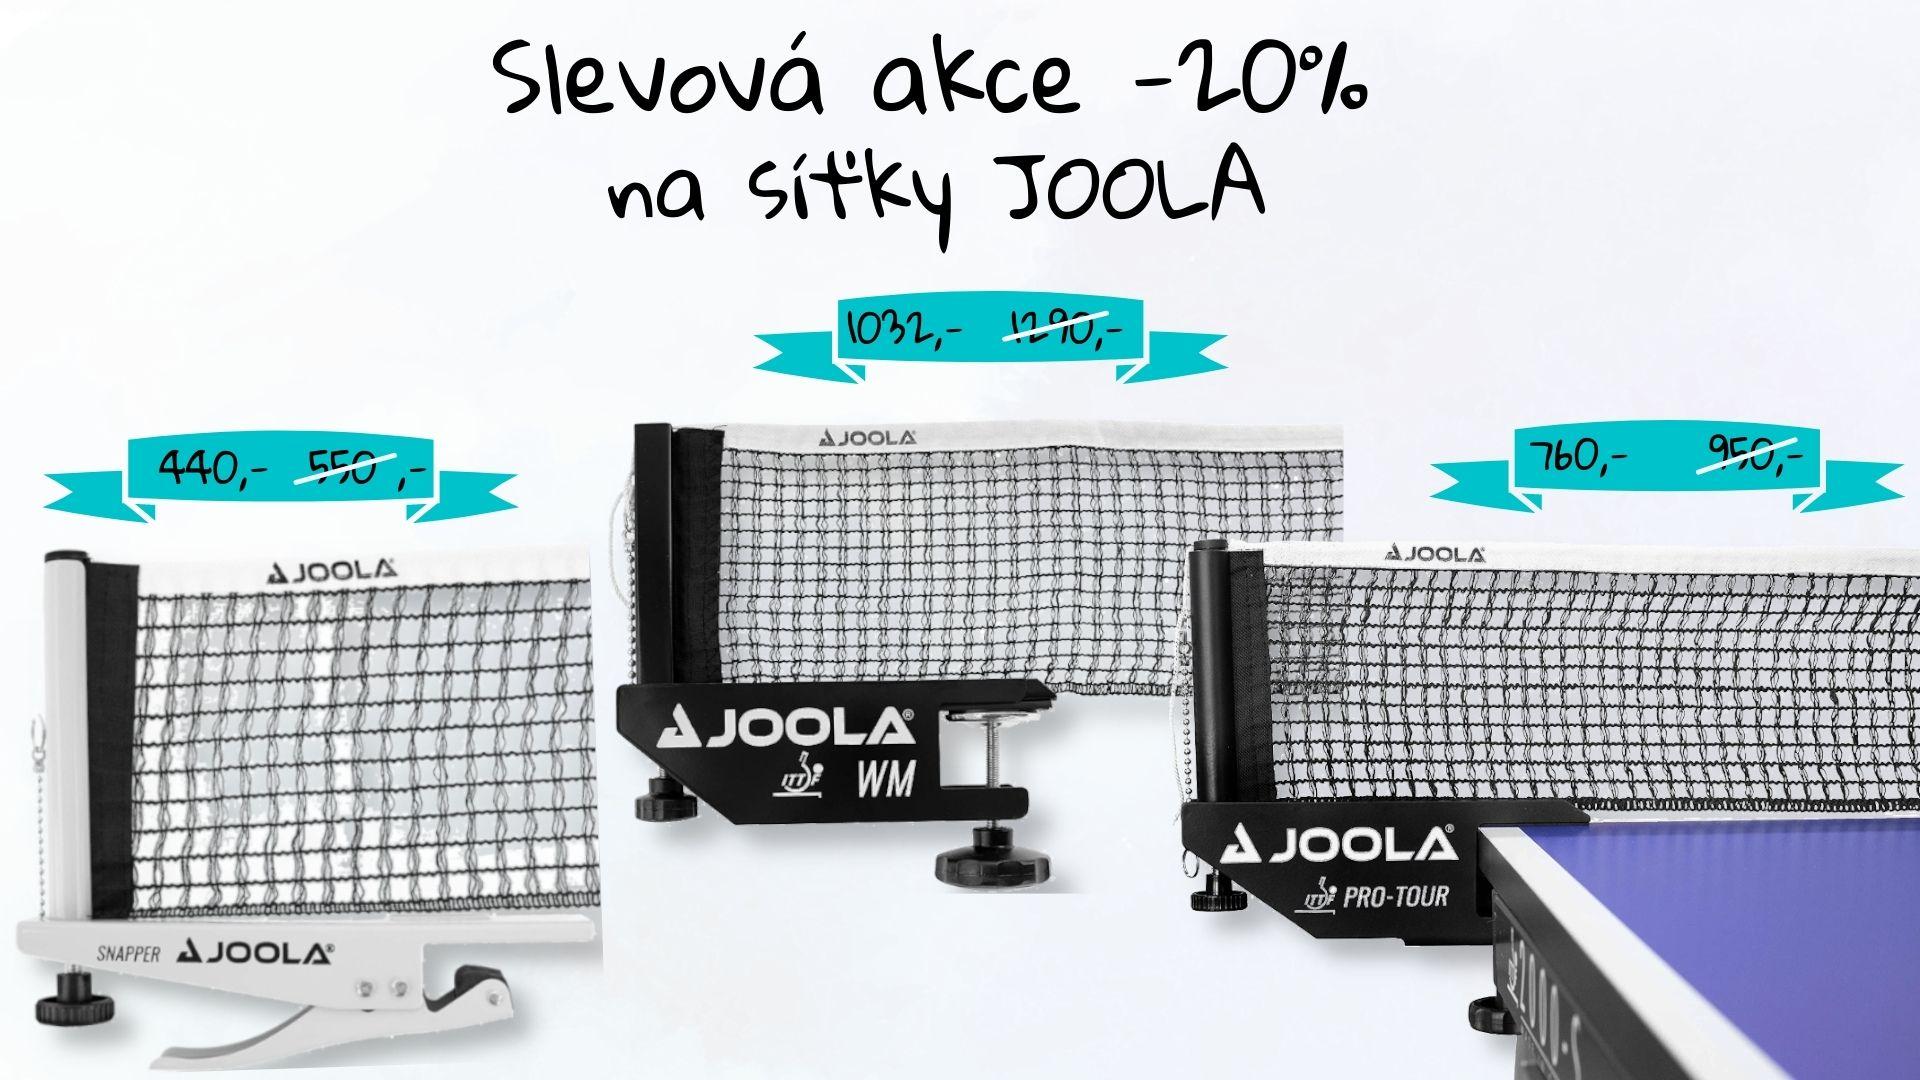 Akce na síťky JOOLA